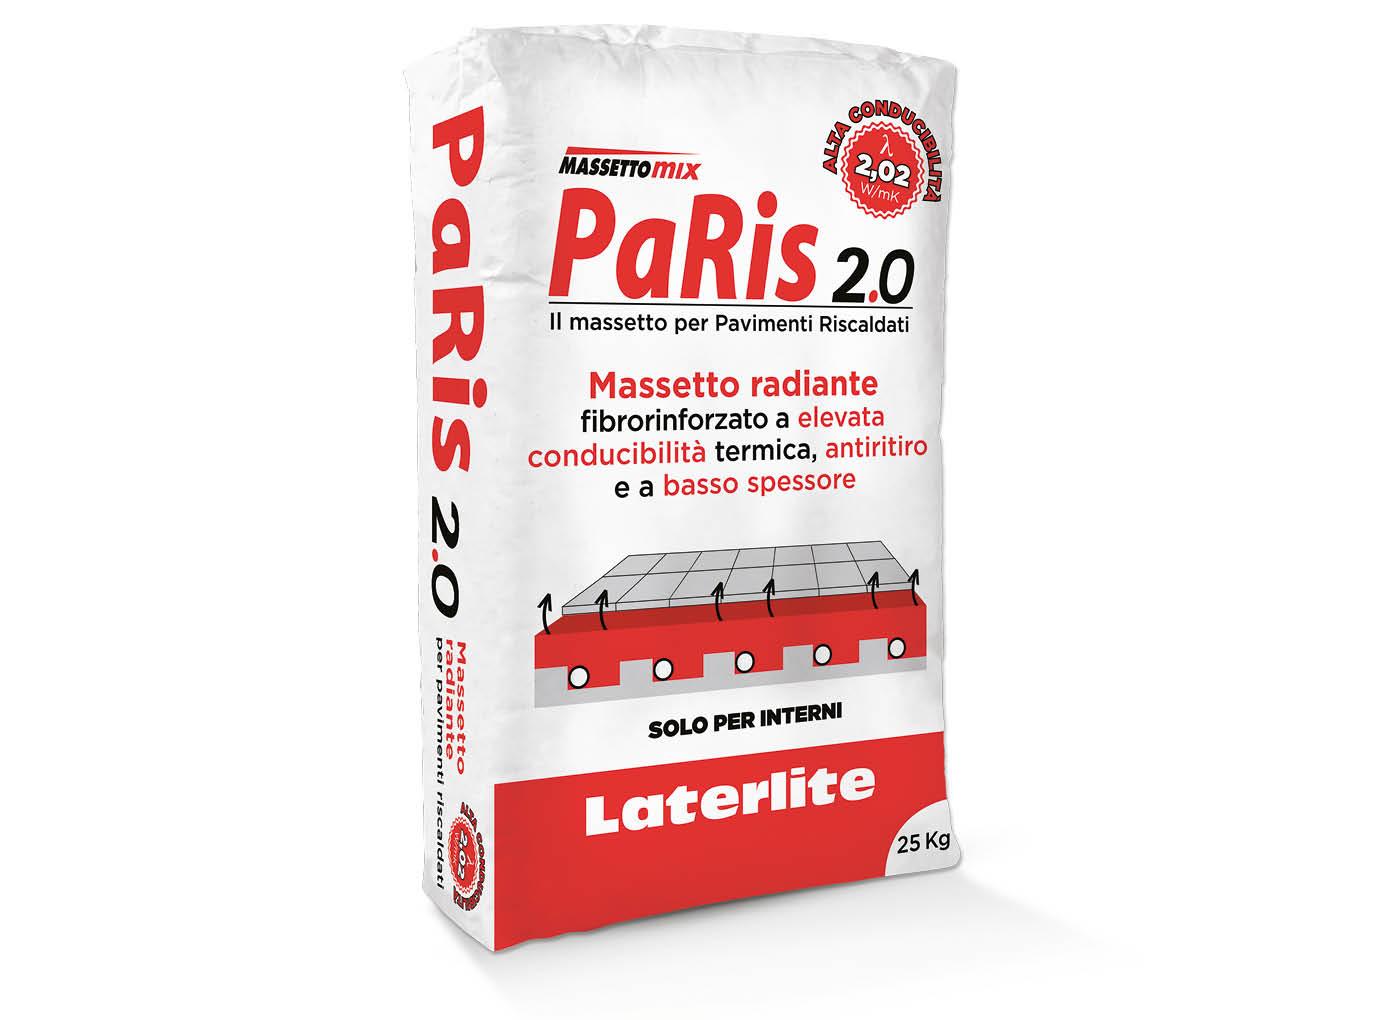 sacco-paris-2-massetto-radiante-P17-1